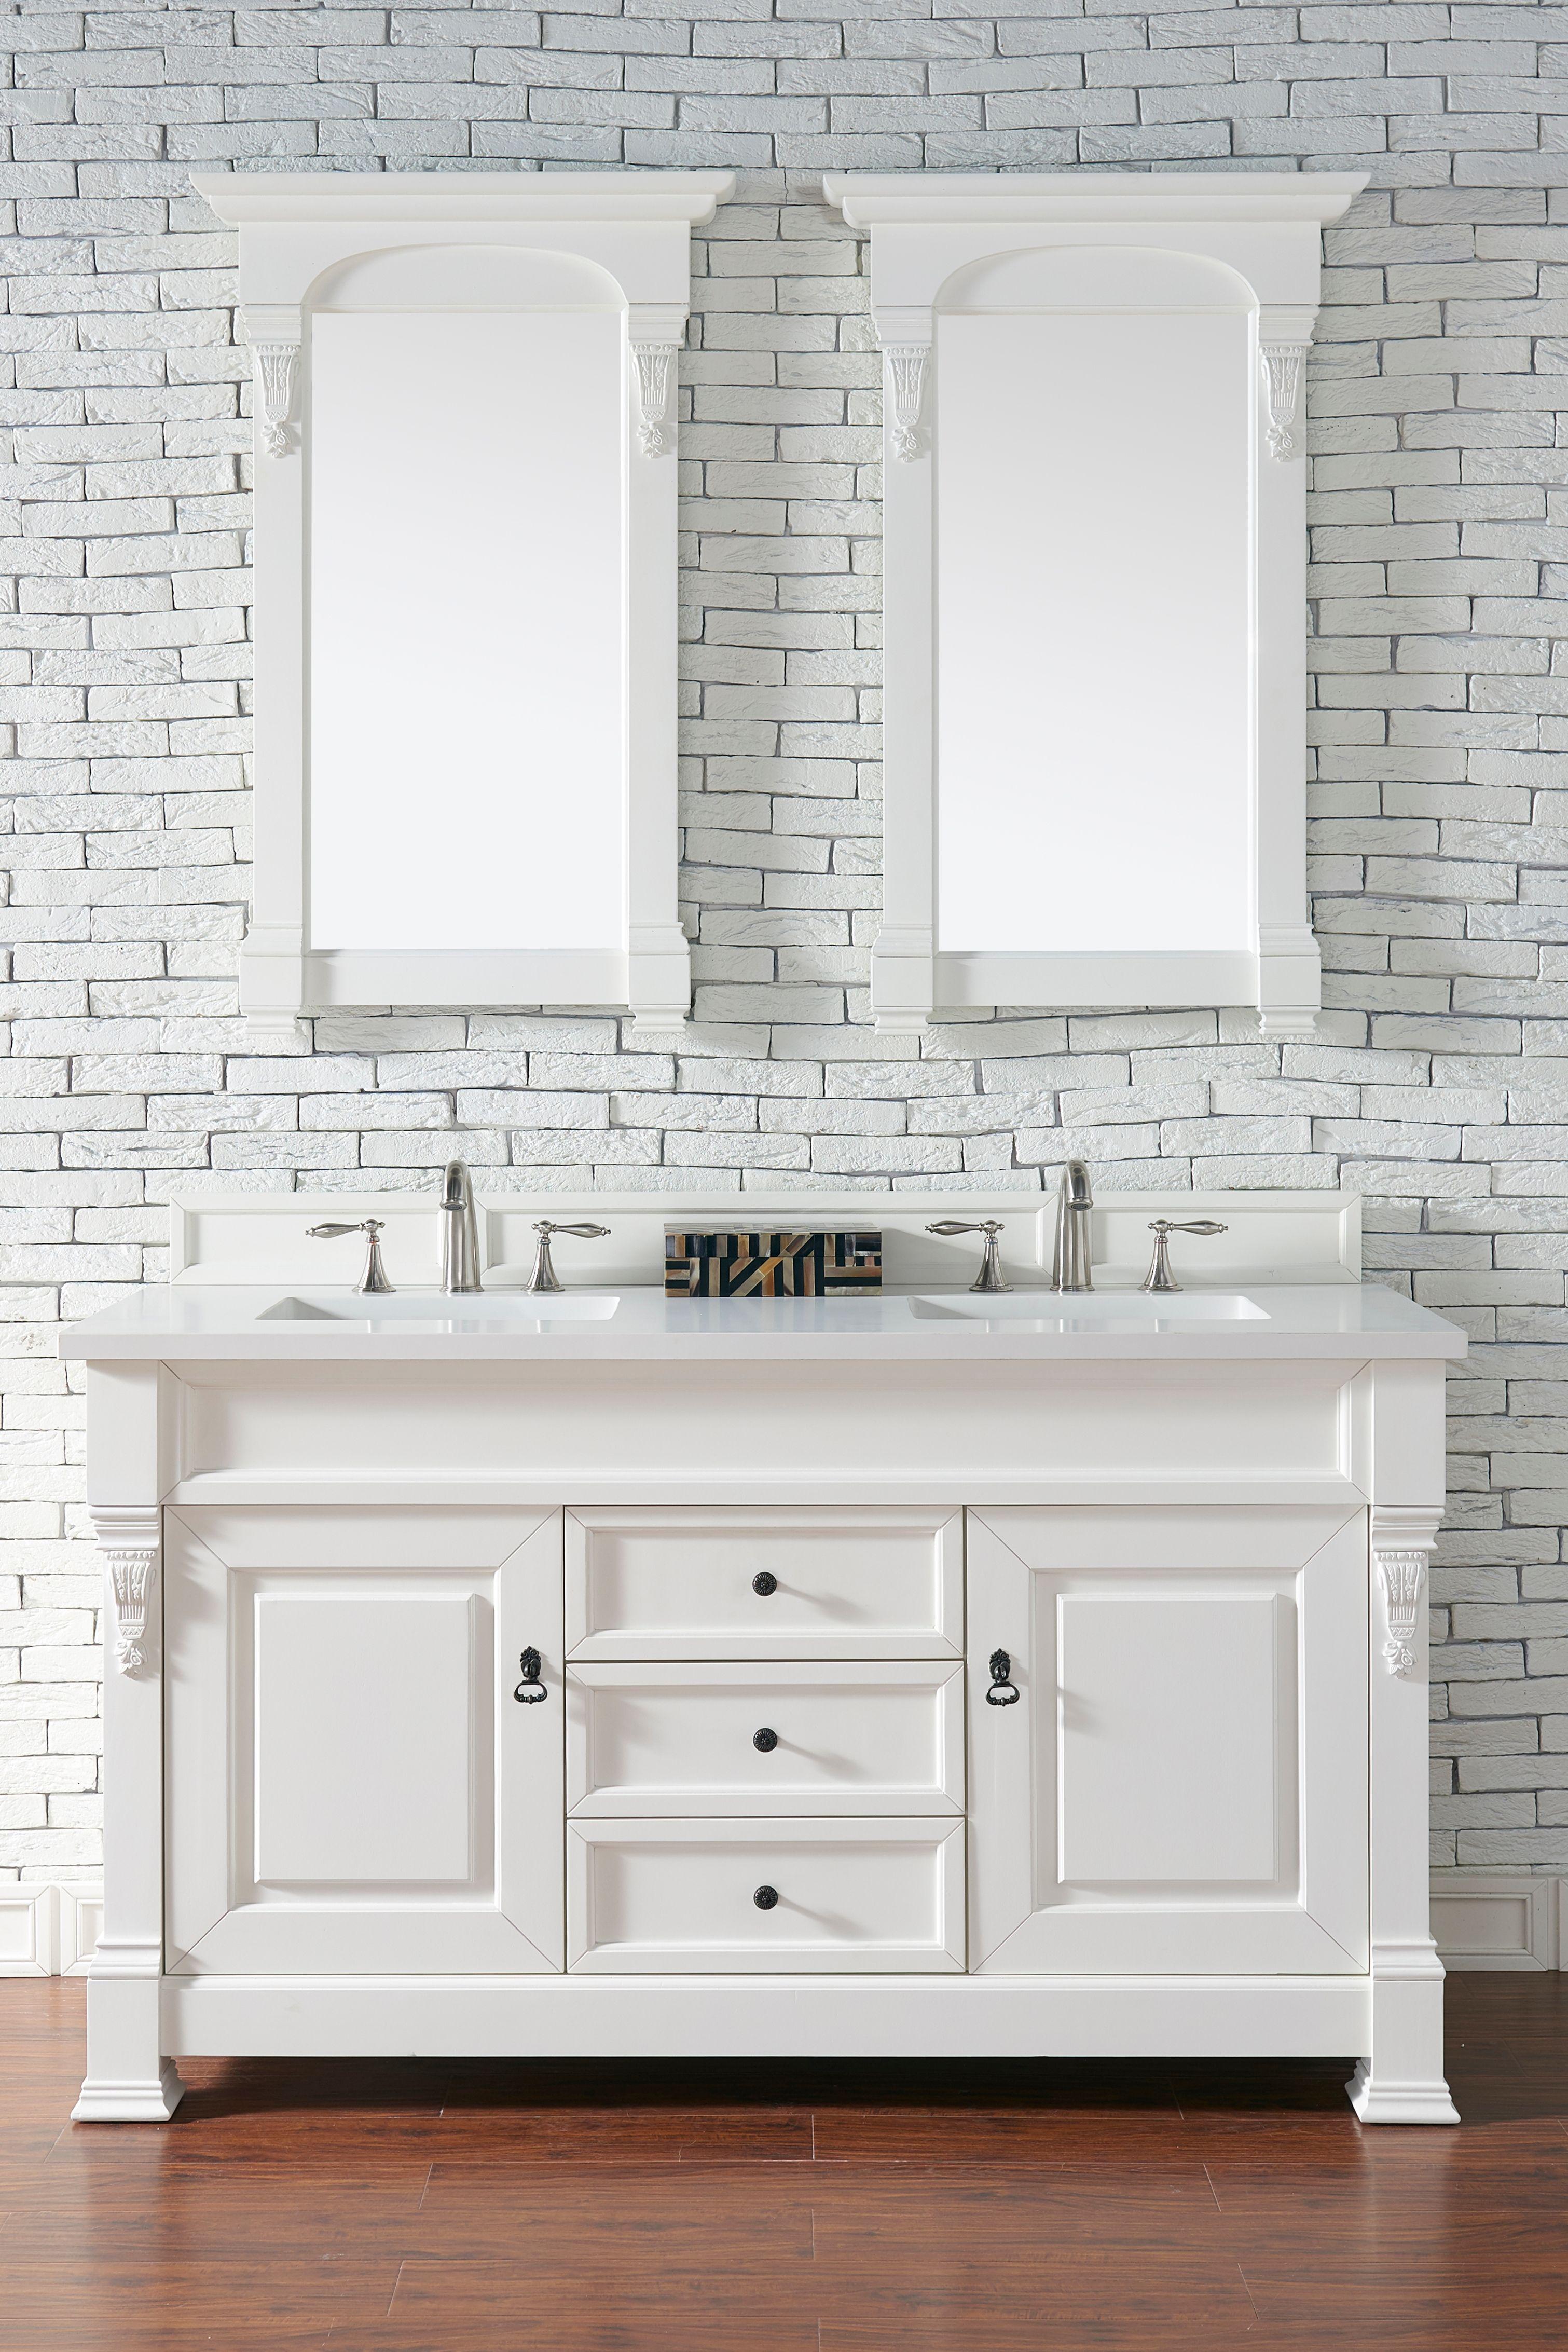 White Vanity In 2020 Black Vanity Bathroom Double Vanity Bathroom Single Bathroom Vanity